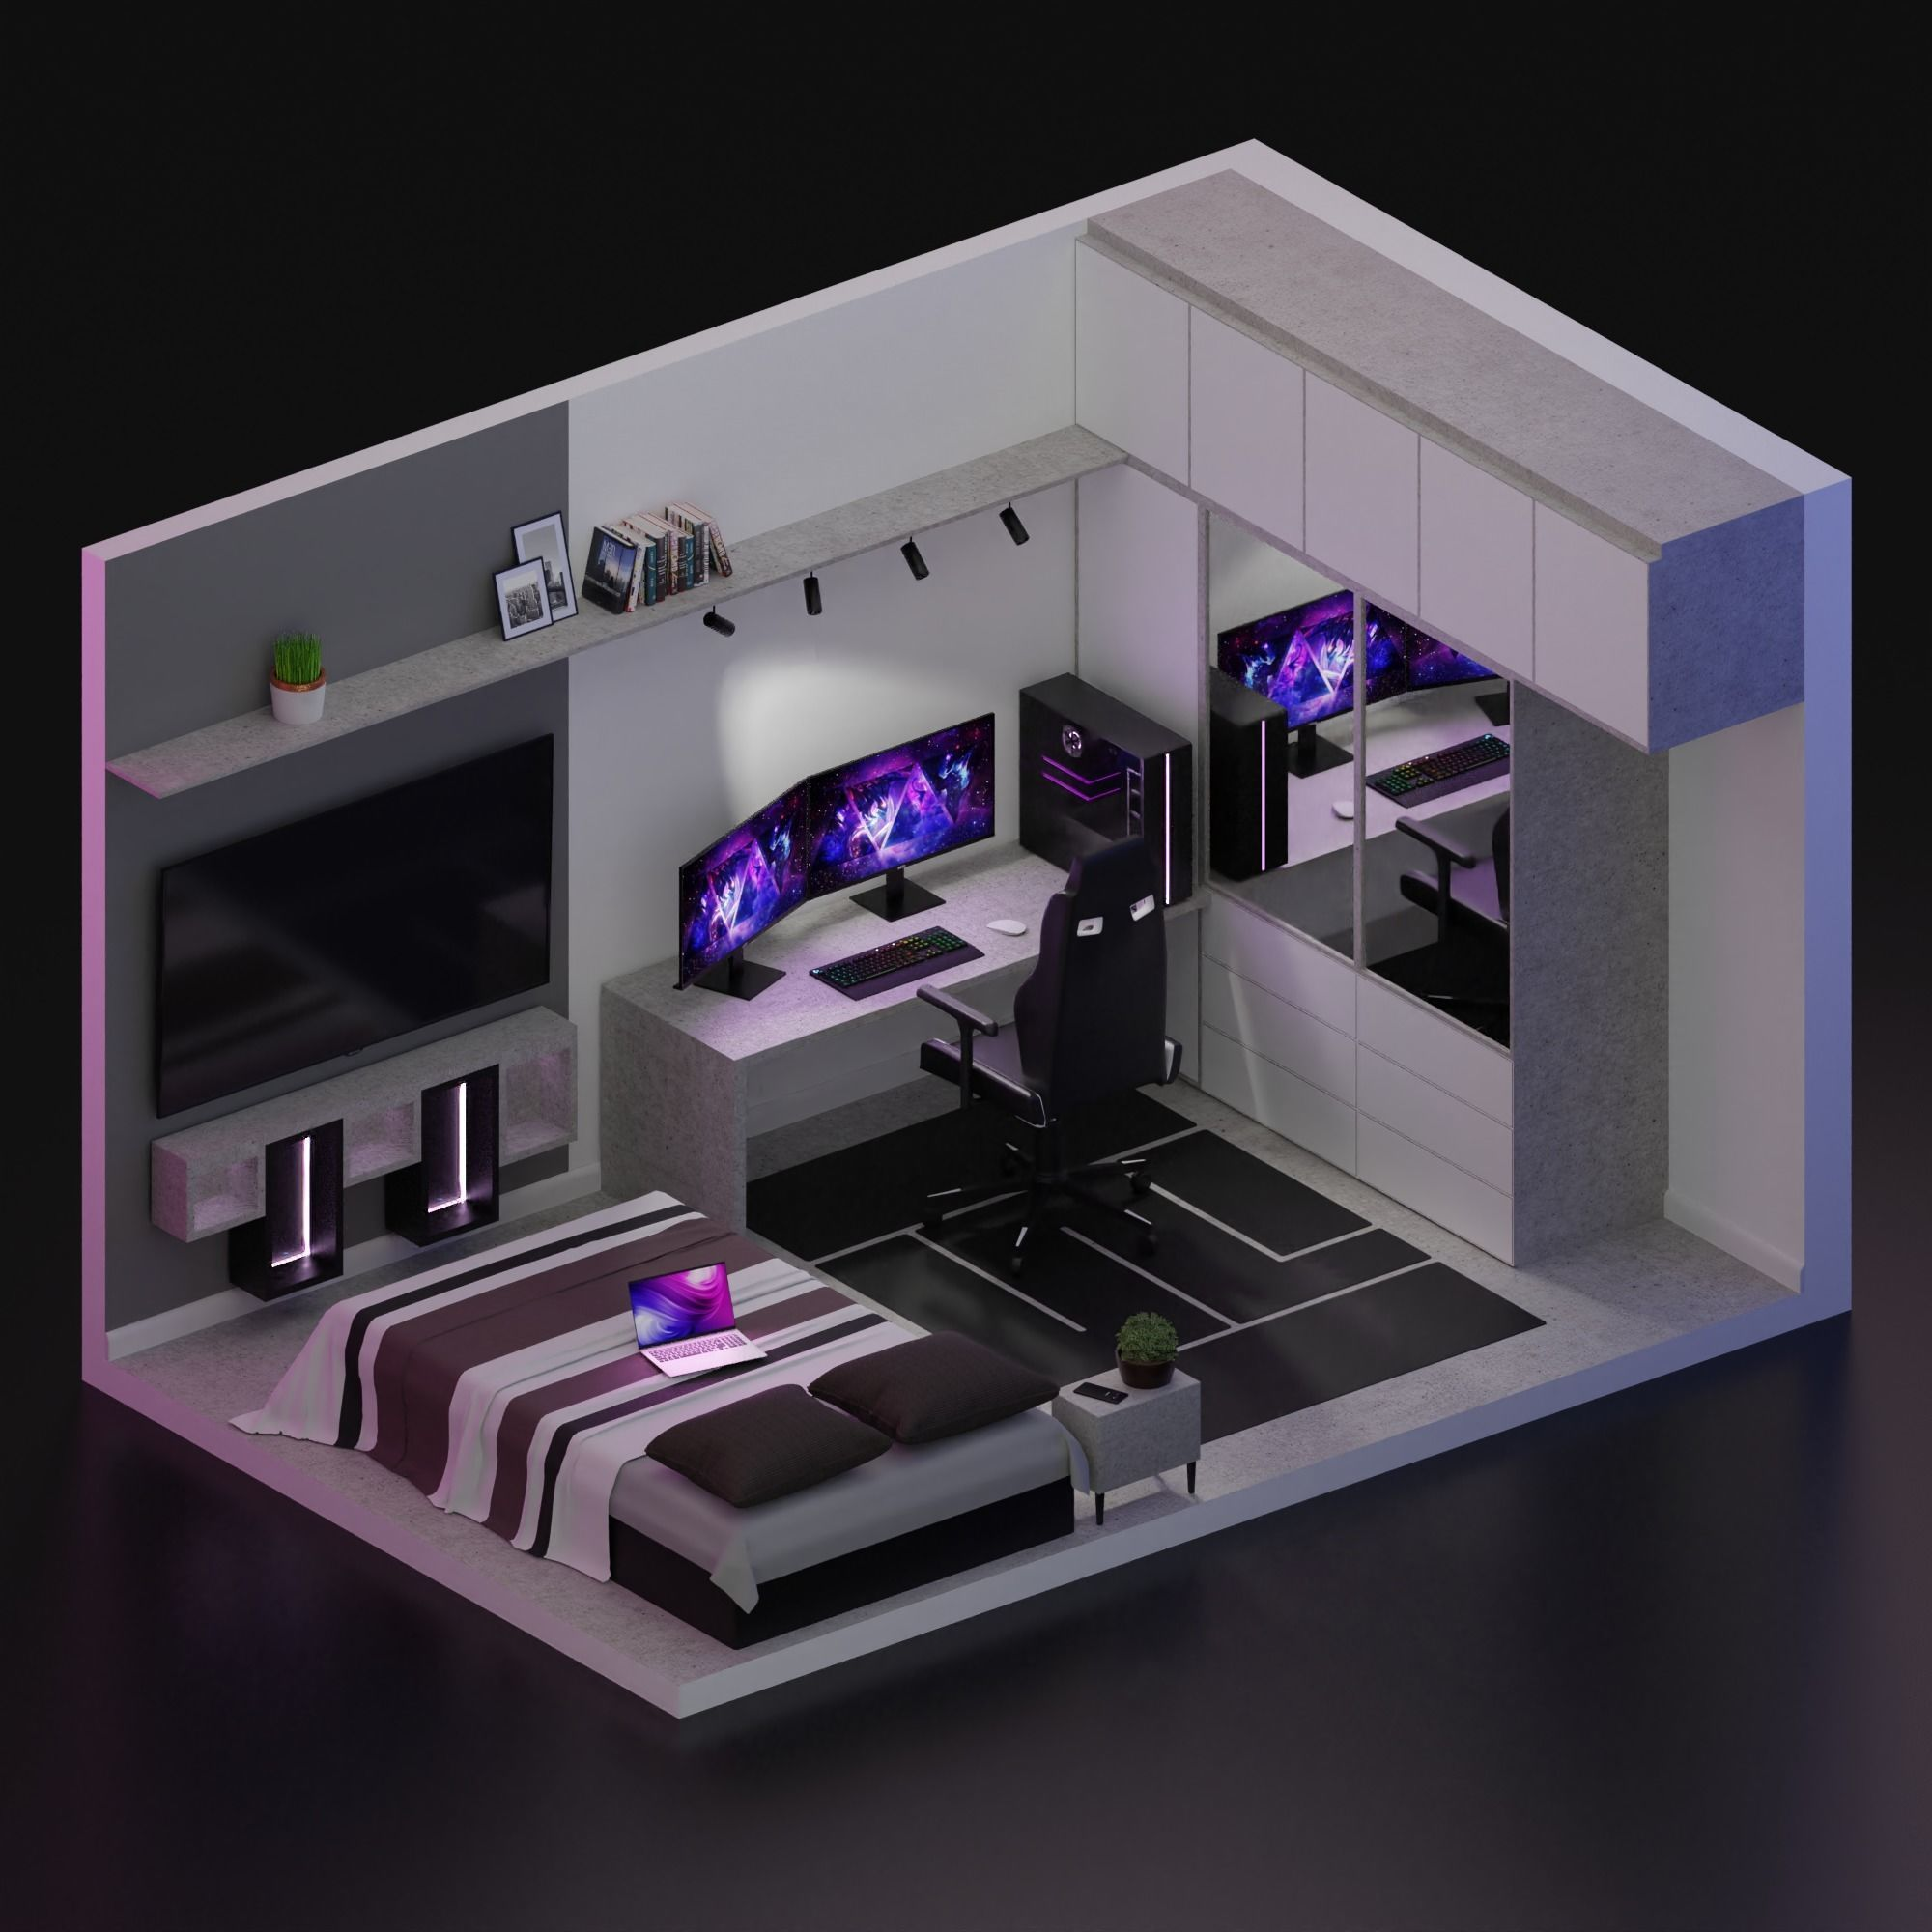 Cool 3D gaming set-up | 3D model in 2020 | Bedroom setup ...